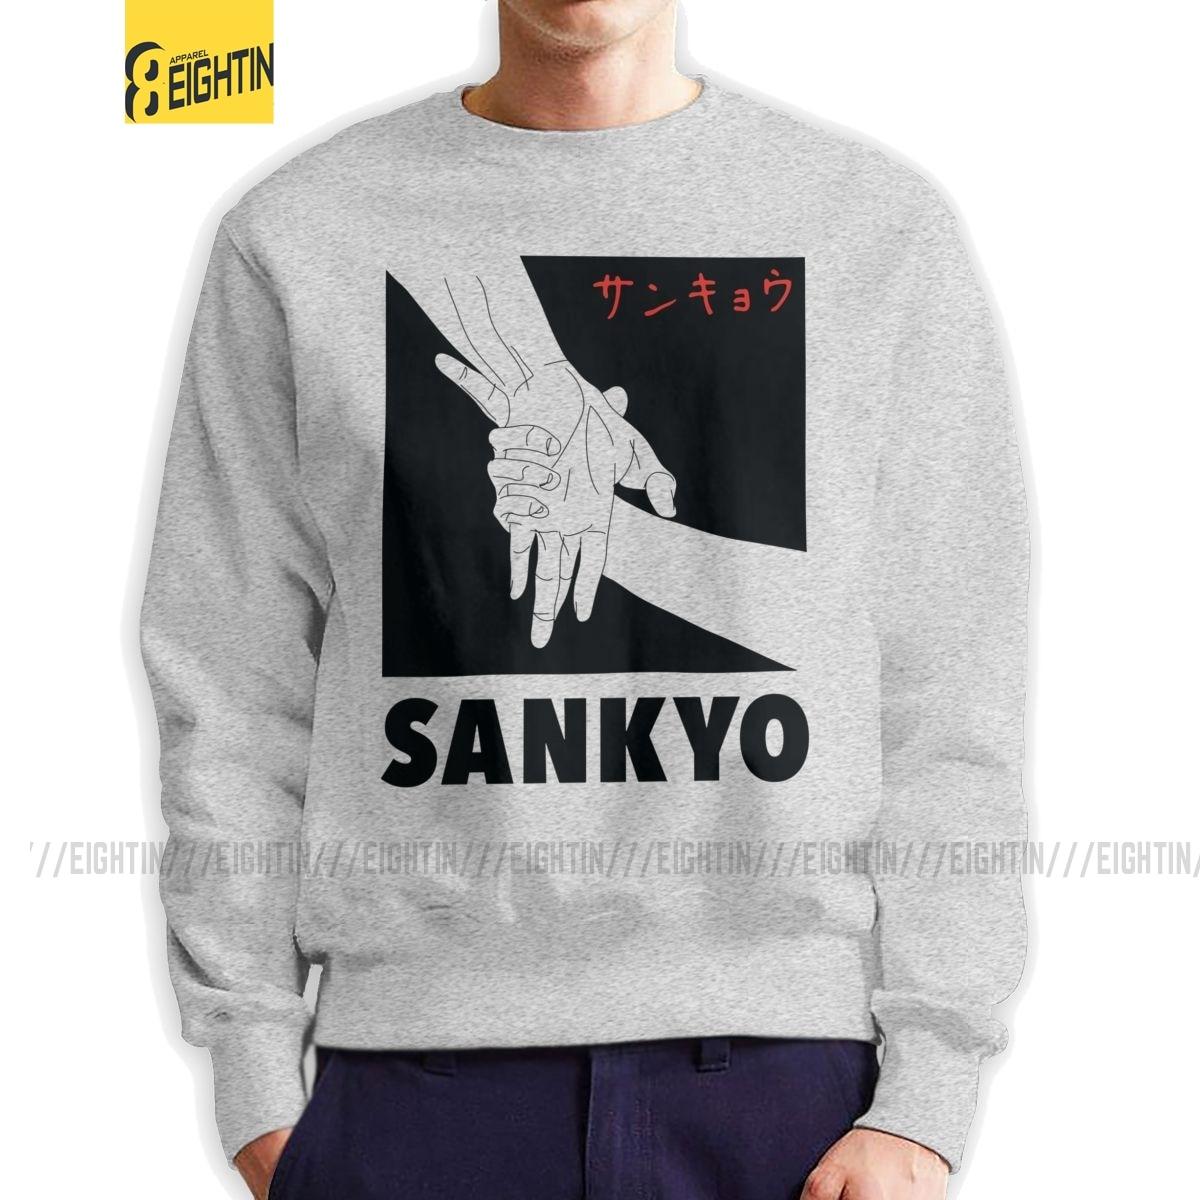 Homem aikido sankyo moletom engraçado pulôver puro algodão artes marciais bloqueio de pulso hoodie presente roupas